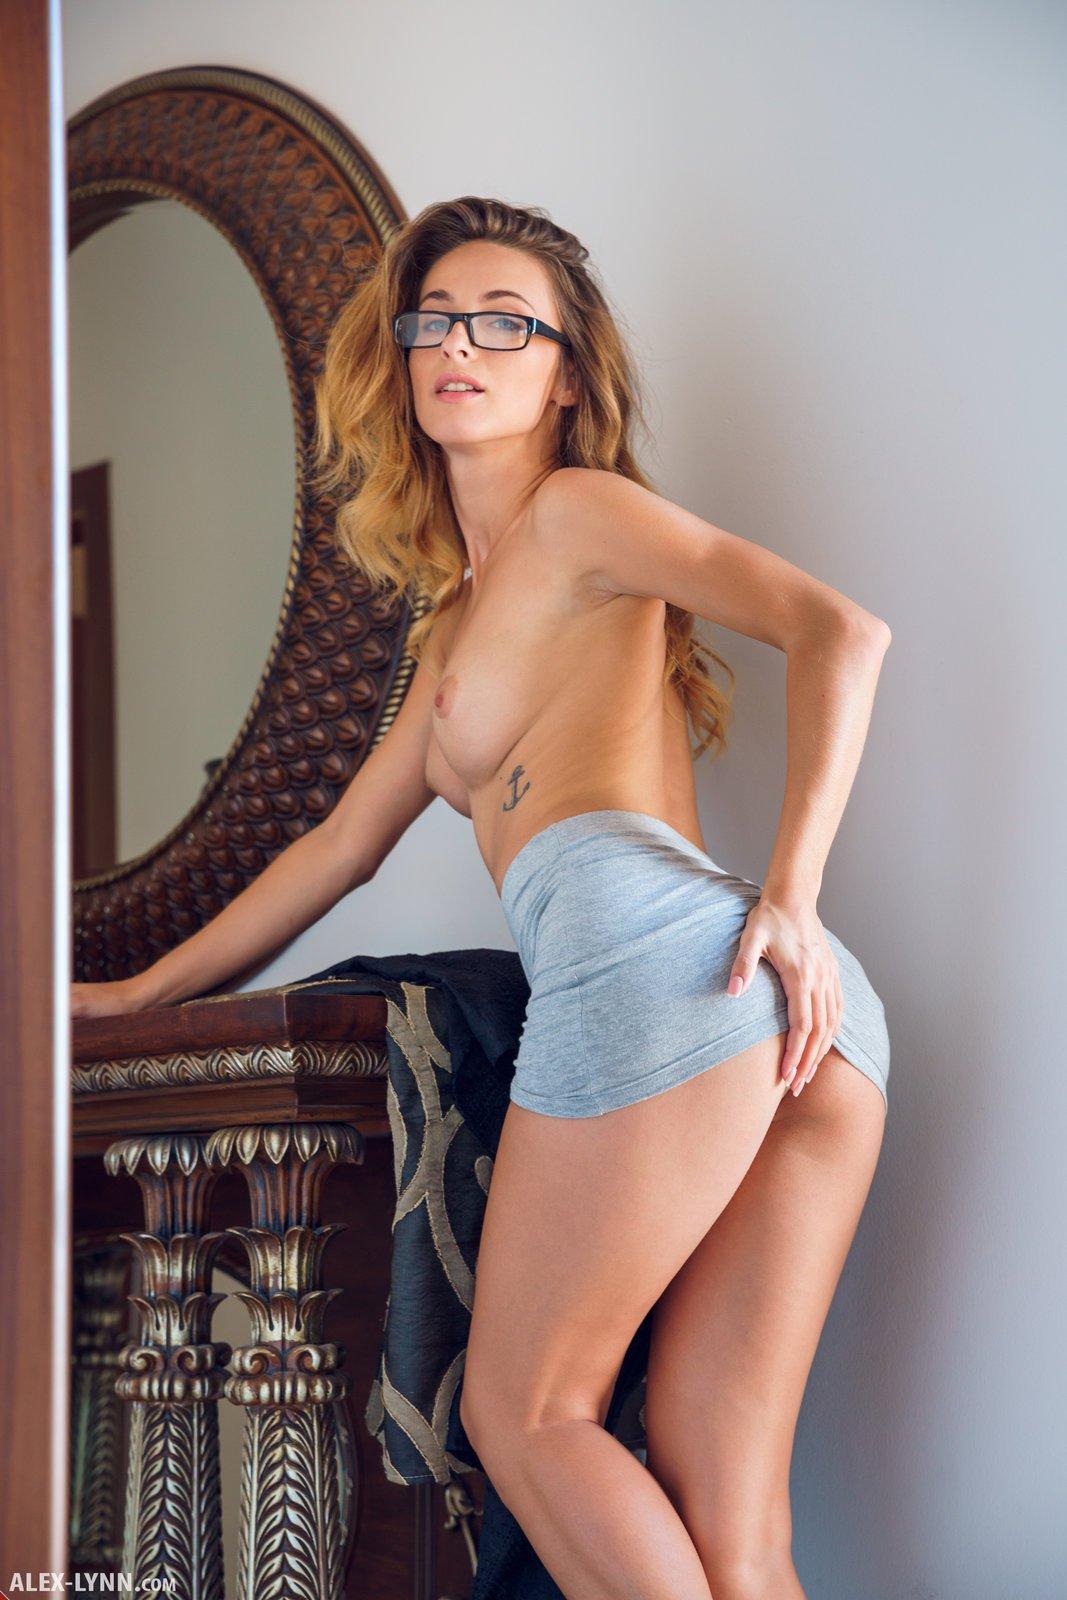 Возбужденная учительница в очках с привлекательным упругим торсом